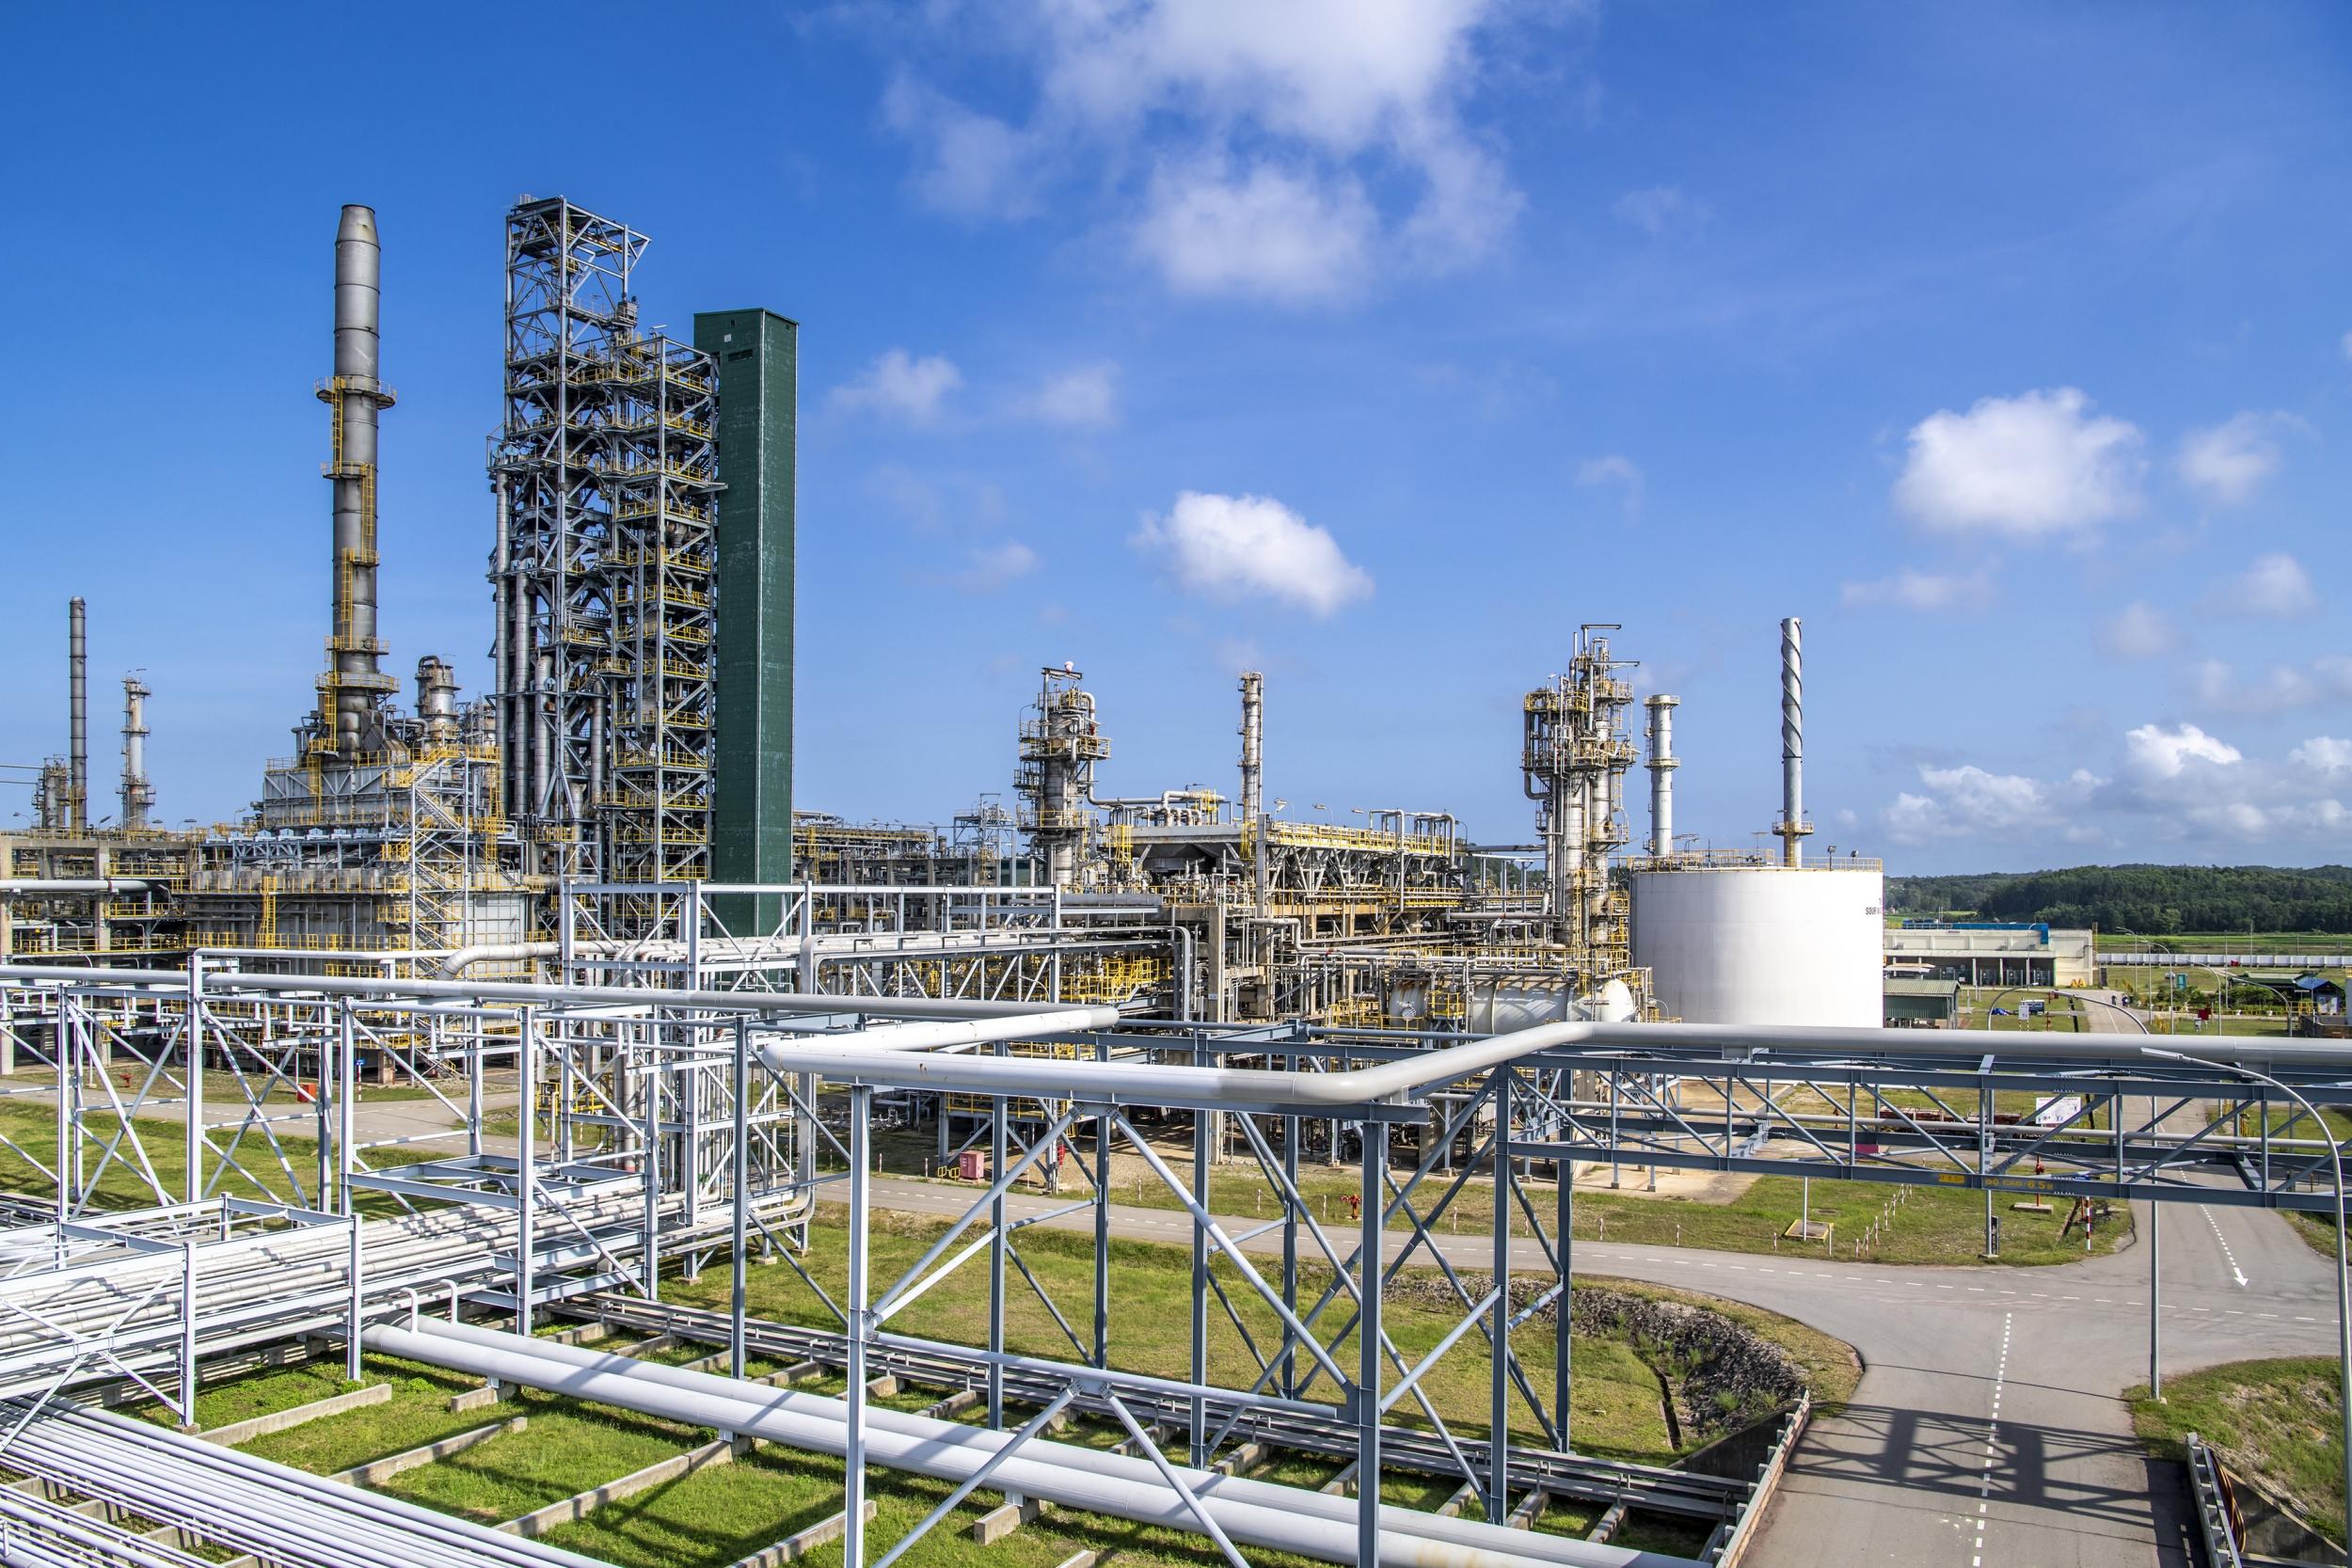 Giá xăng dầu hôm nay 28/10: Tăng giảm trái chiều